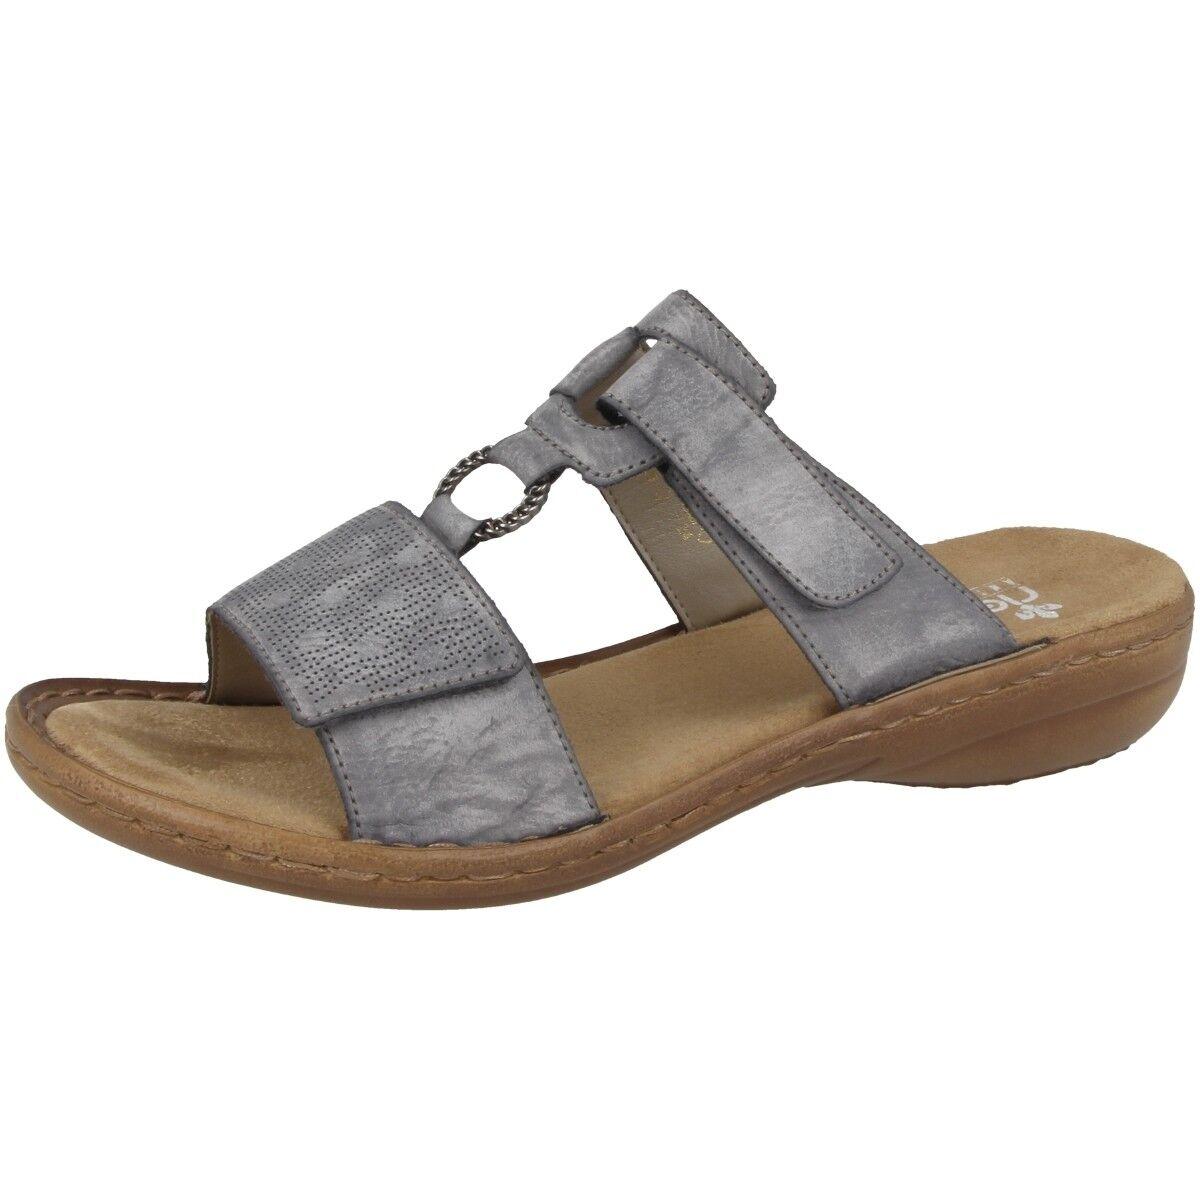 Rieker Aigle chaussures Mules pour femmes Sandales Loisir Mocassins bleu